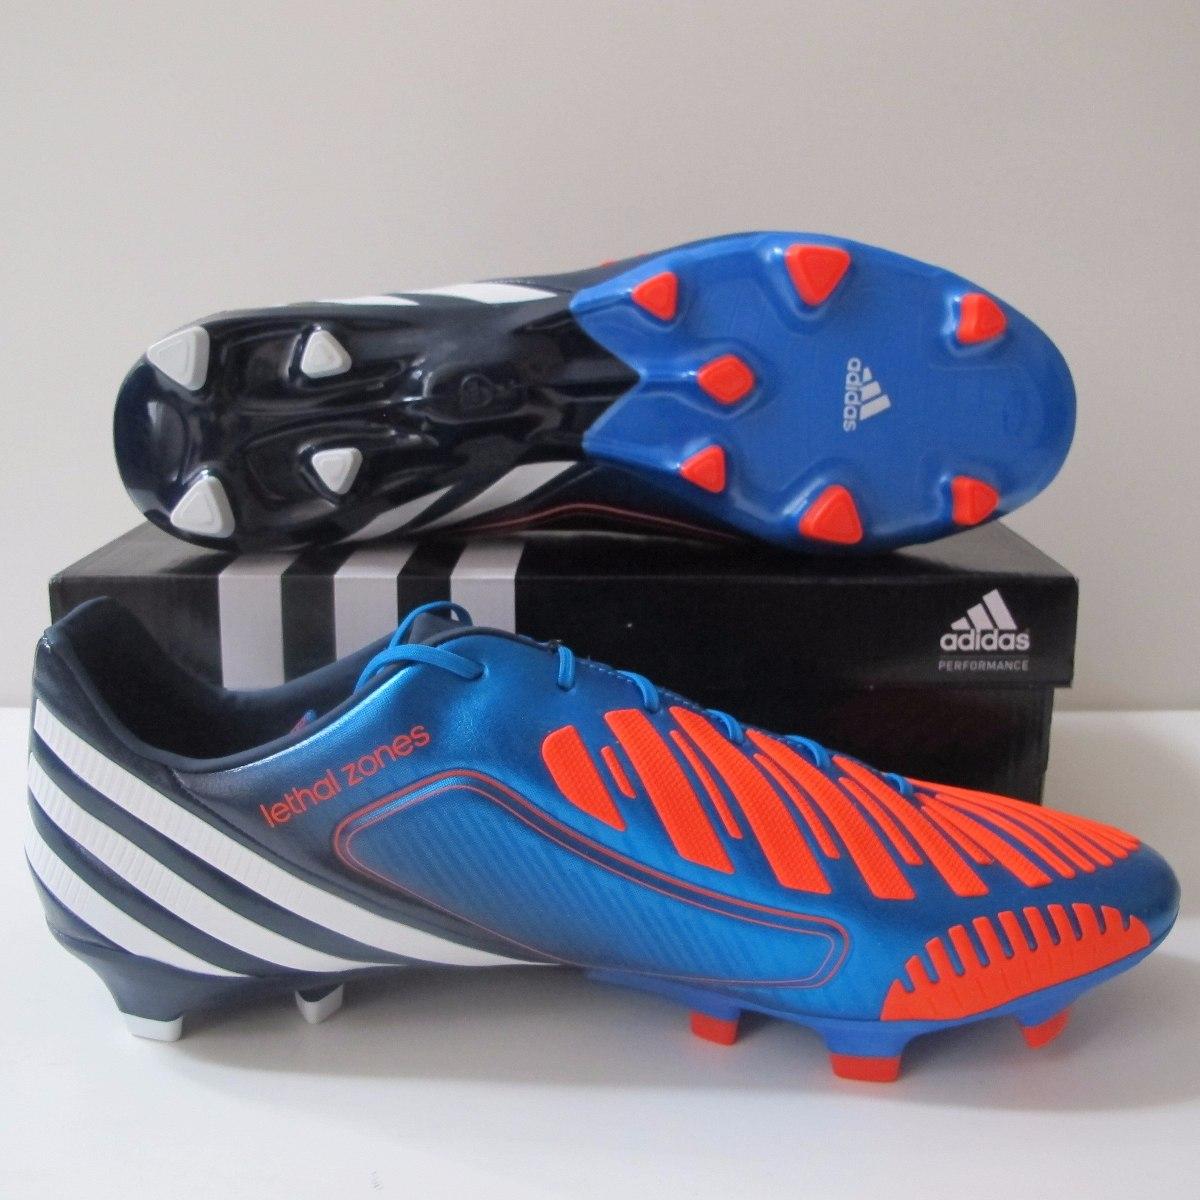 02e7ddea1d ... chuteira adidas predator lz fg profissional - 100% original. Carregando  zoom . skate shoes . ...